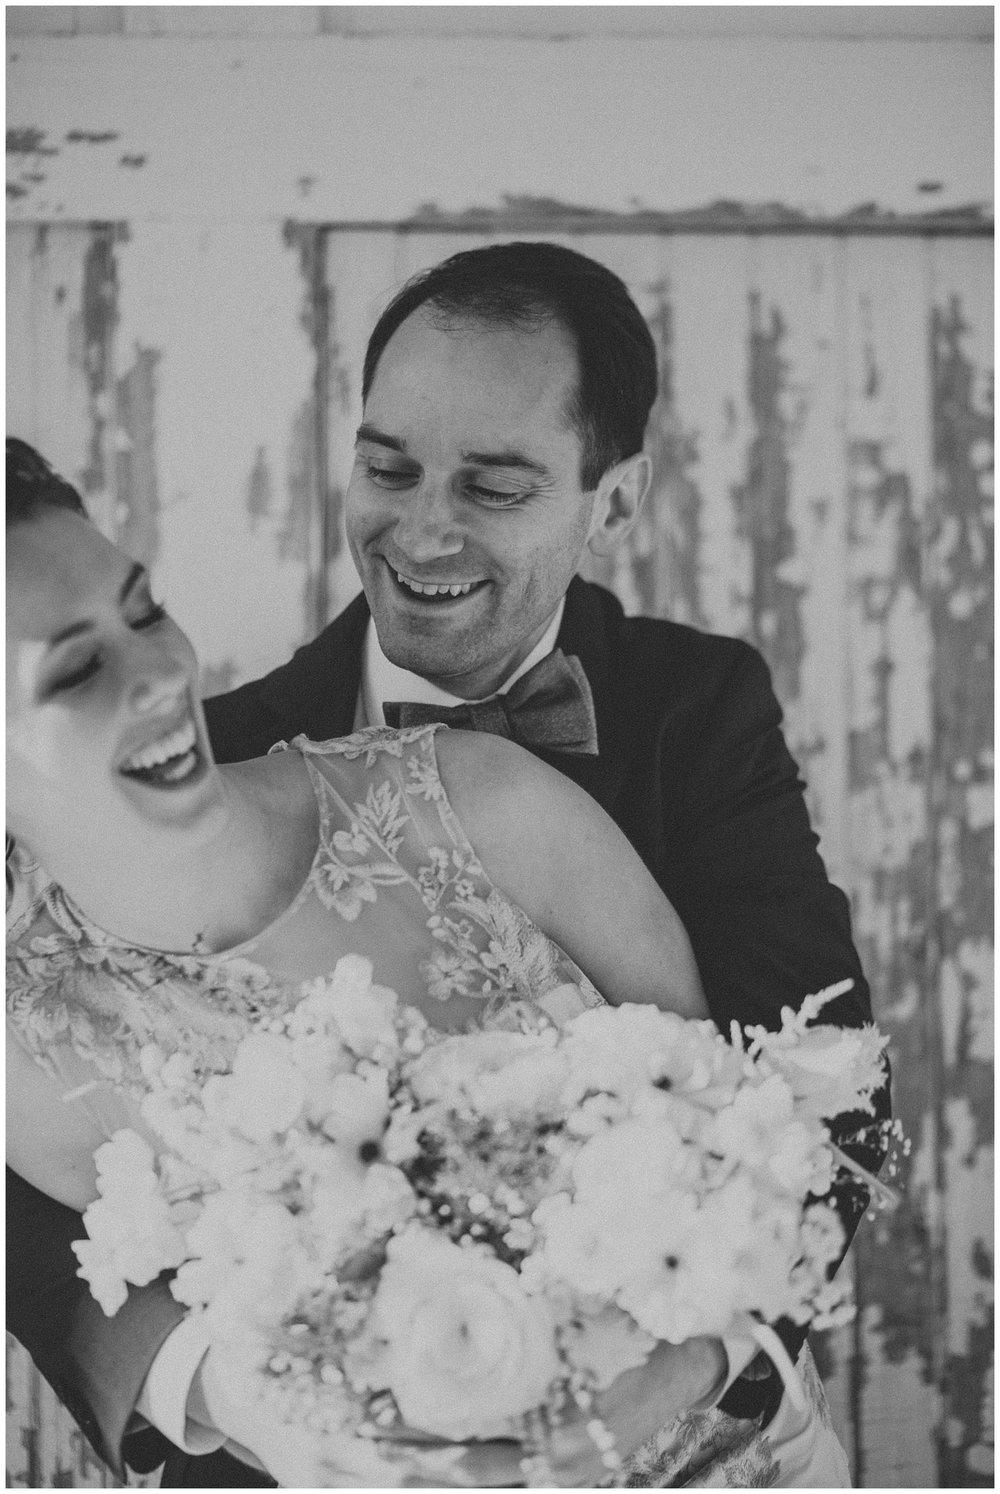 Pocono Winter Wedding with Bride and Groom_0175.jpg